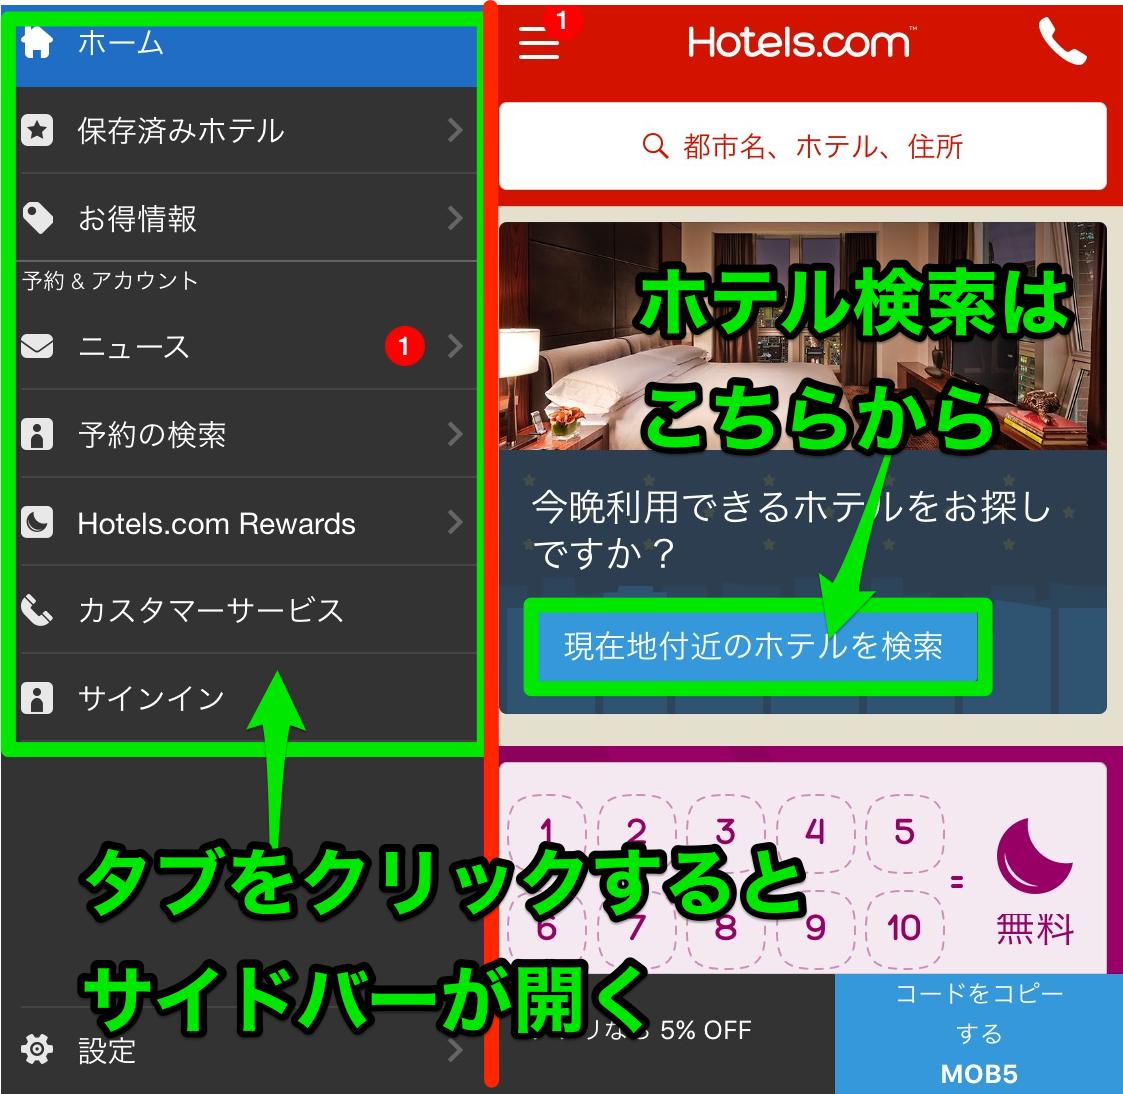 ホテルズドットコム(Hotels.com)アプリのサイドバーの使い方